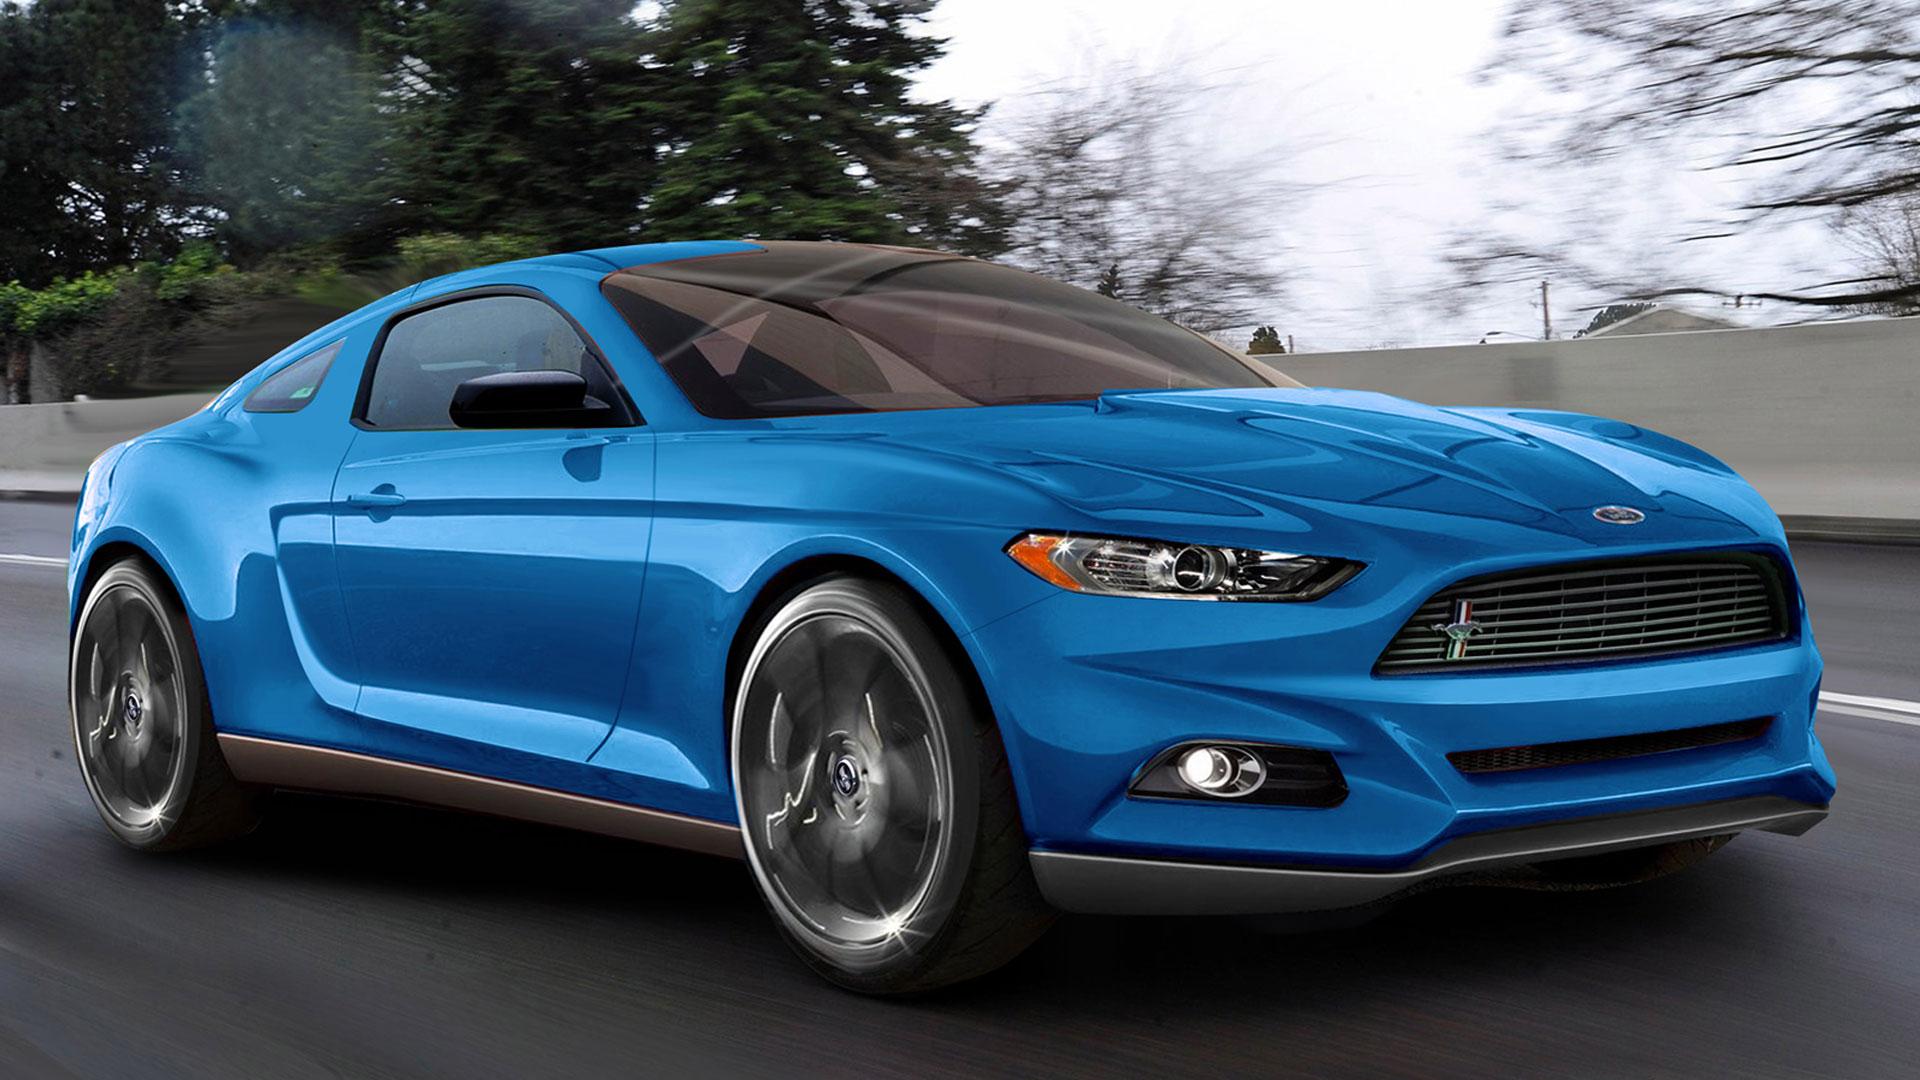 10 mẫu xe sắp ra mắt được trông đợi nhất 6